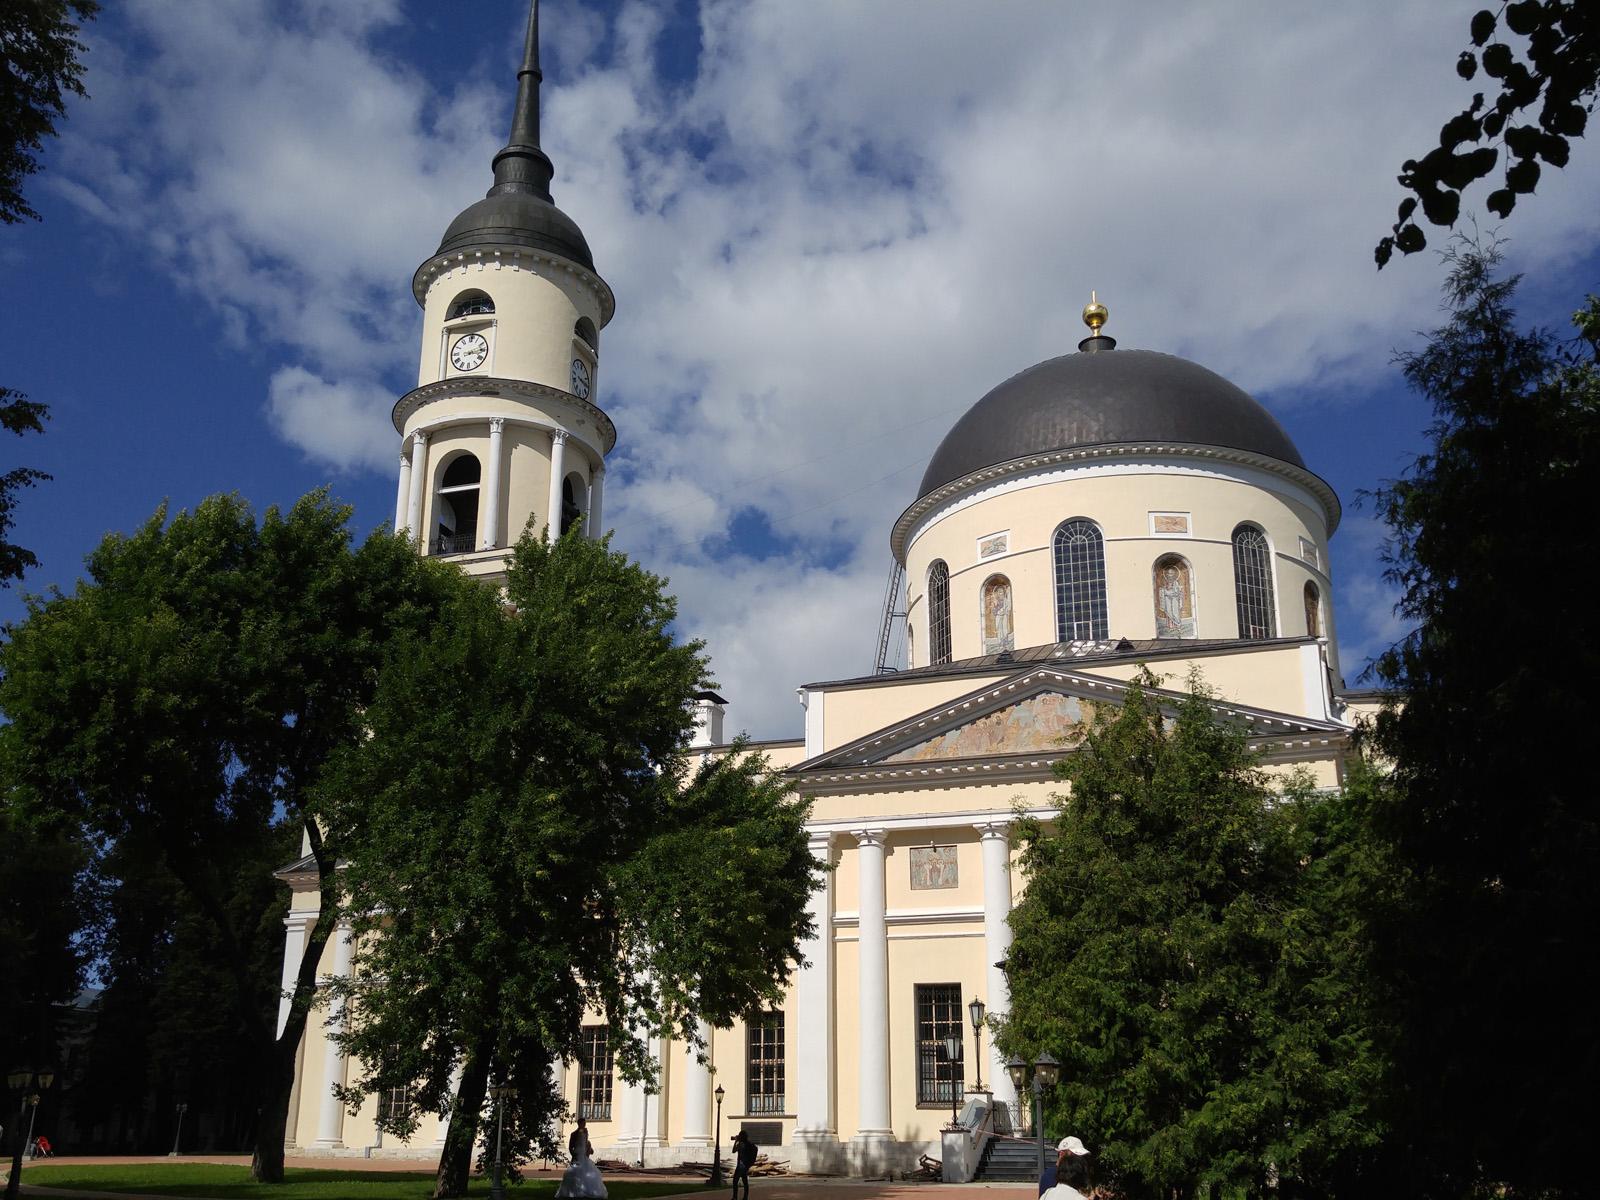 Калужский Троицкий собор, снятый на LG G4